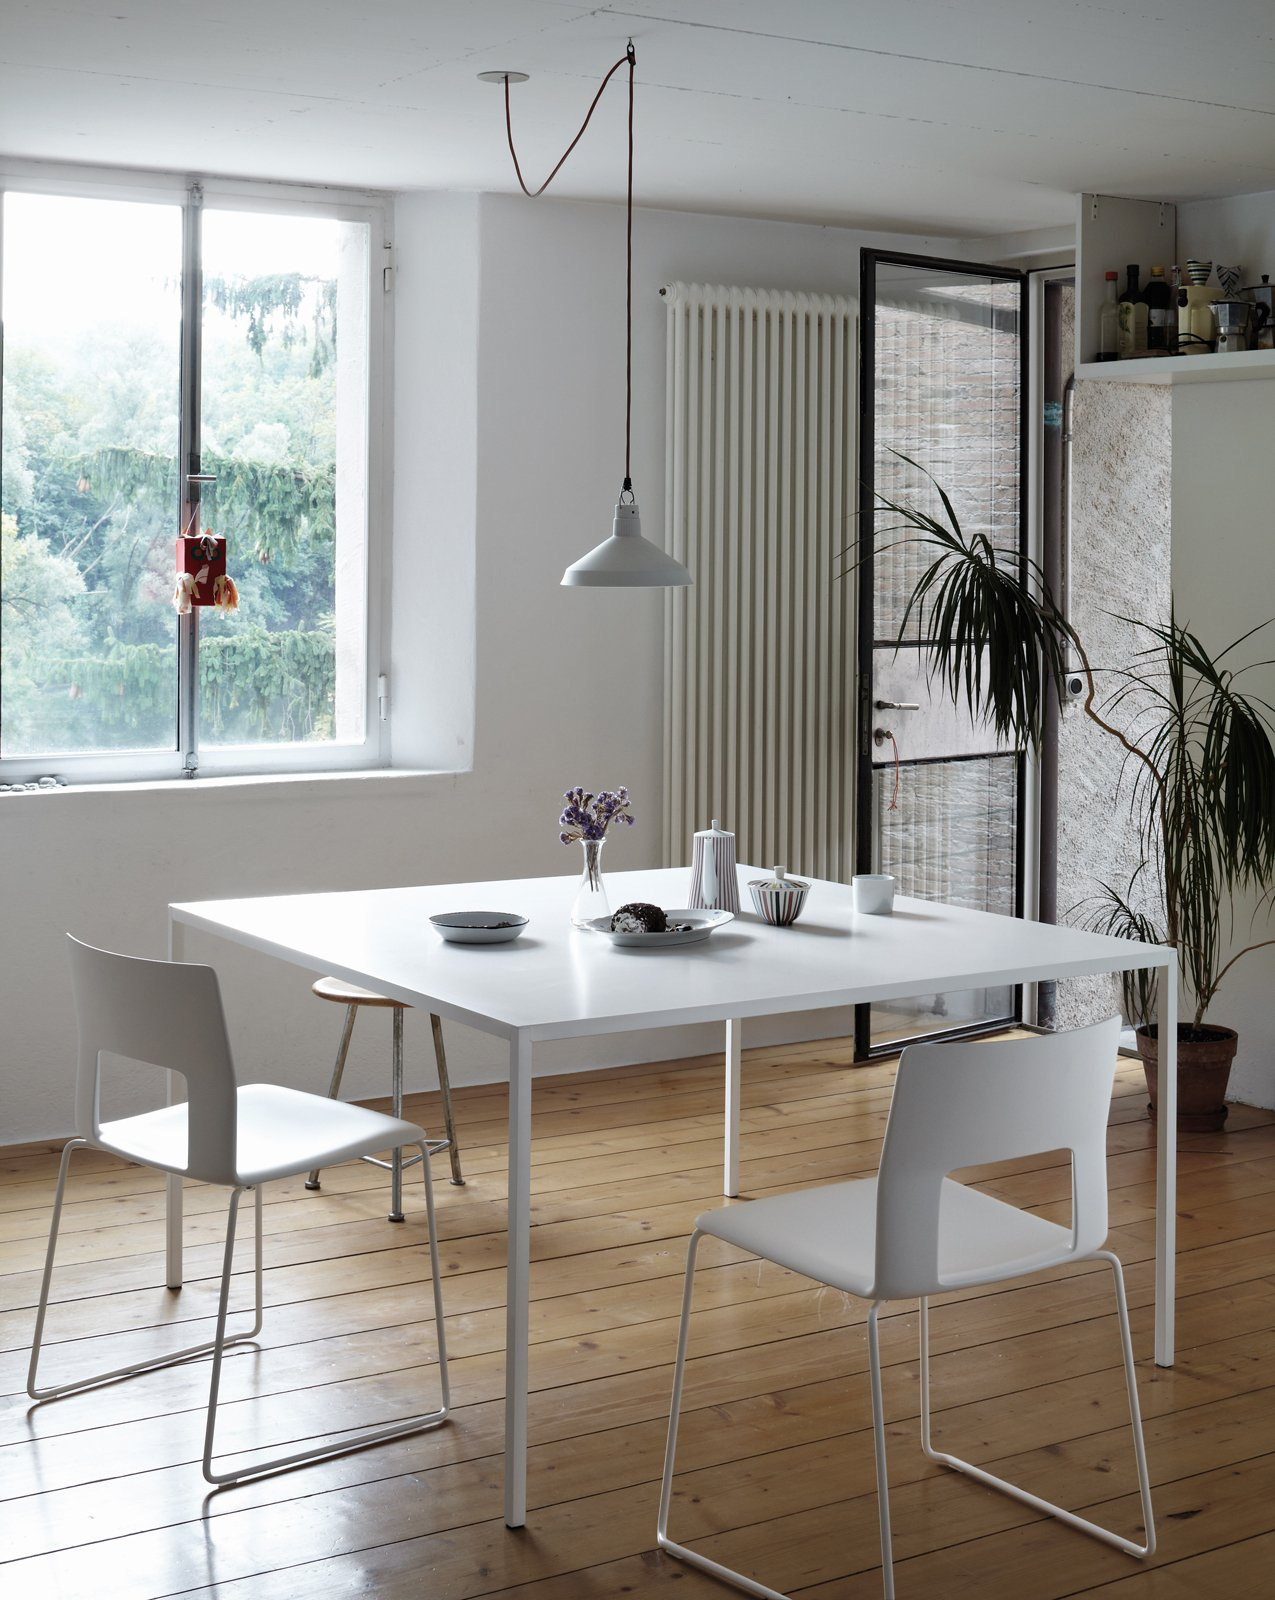 Tavolo bianco da abbinare a tutto cose di casa - Mollettone per stirare sul tavolo ...